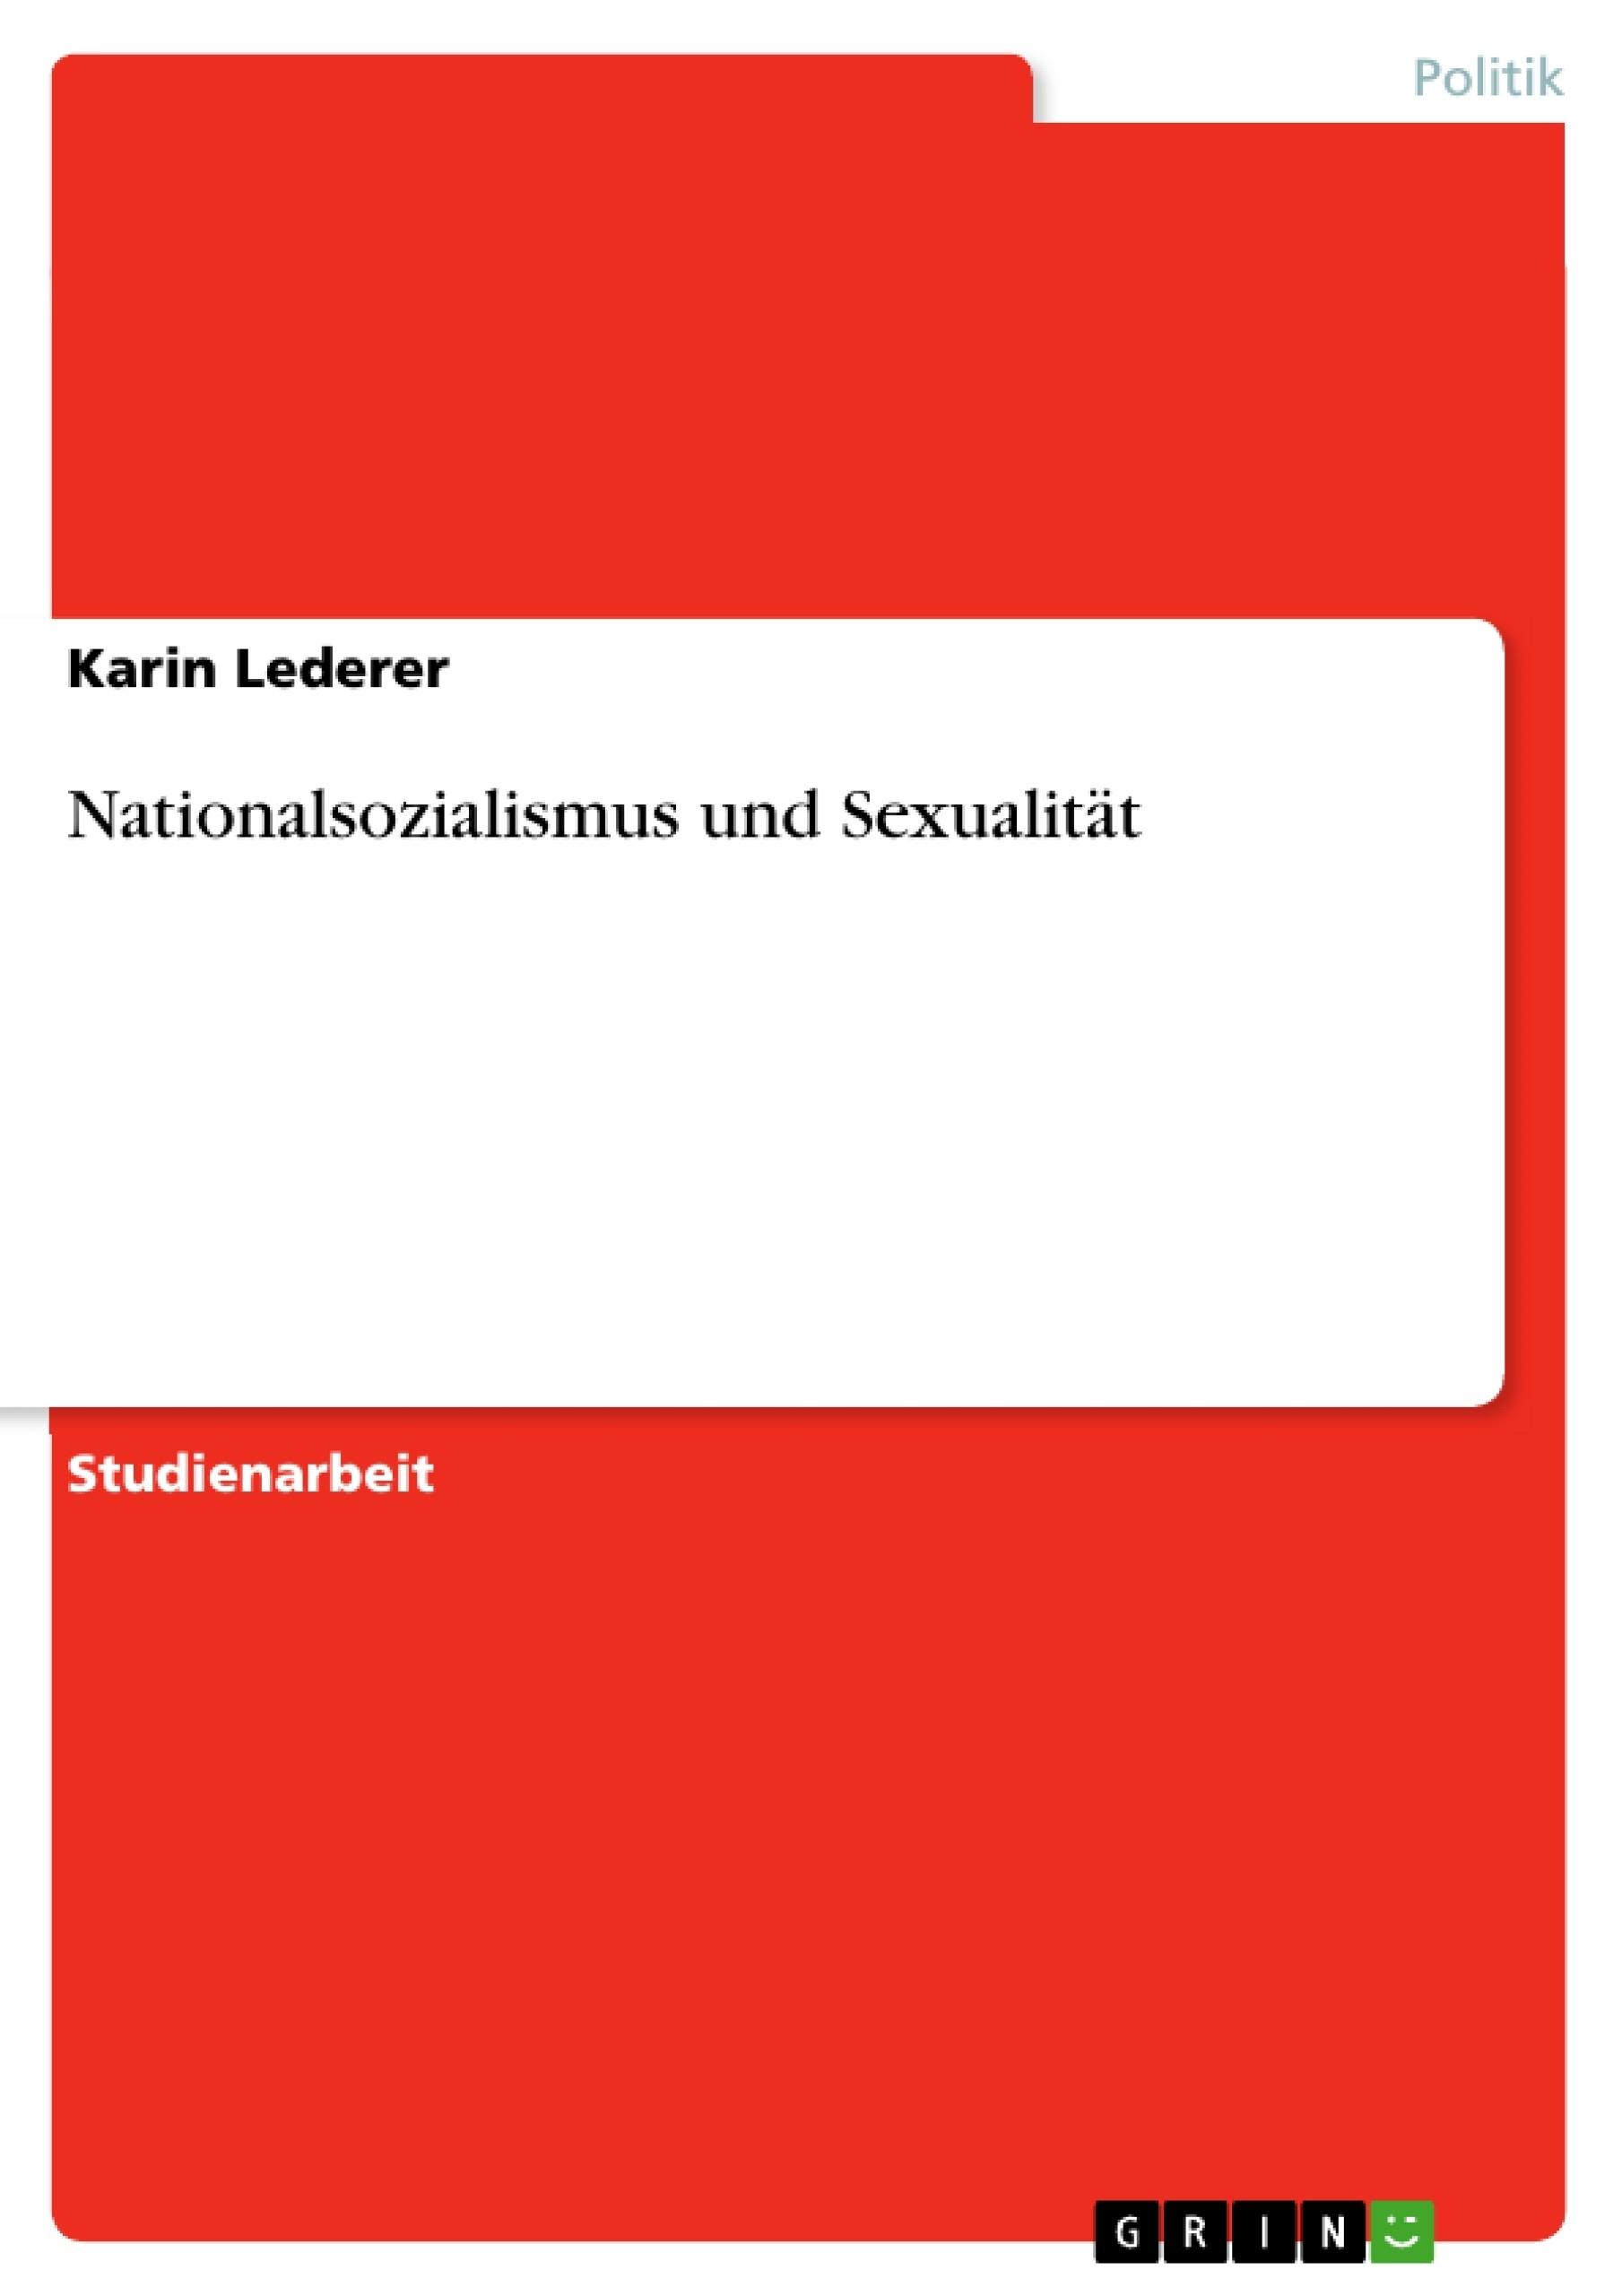 Titel: Nationalsozialismus und Sexualität